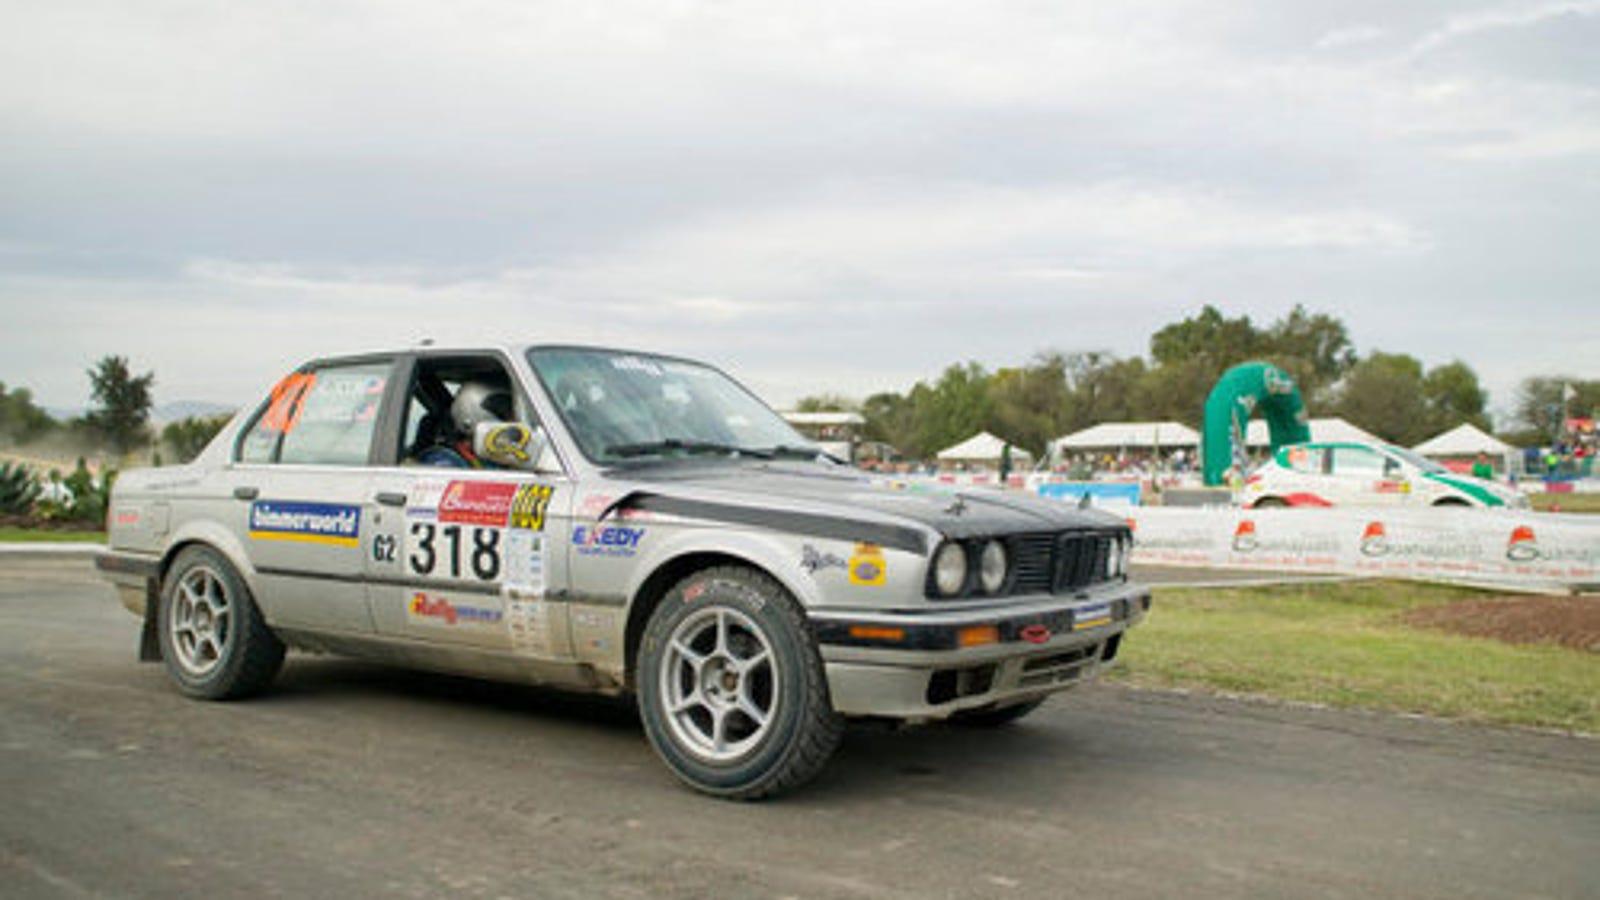 WRC Rally Mexico: The Craigslist Rally Car